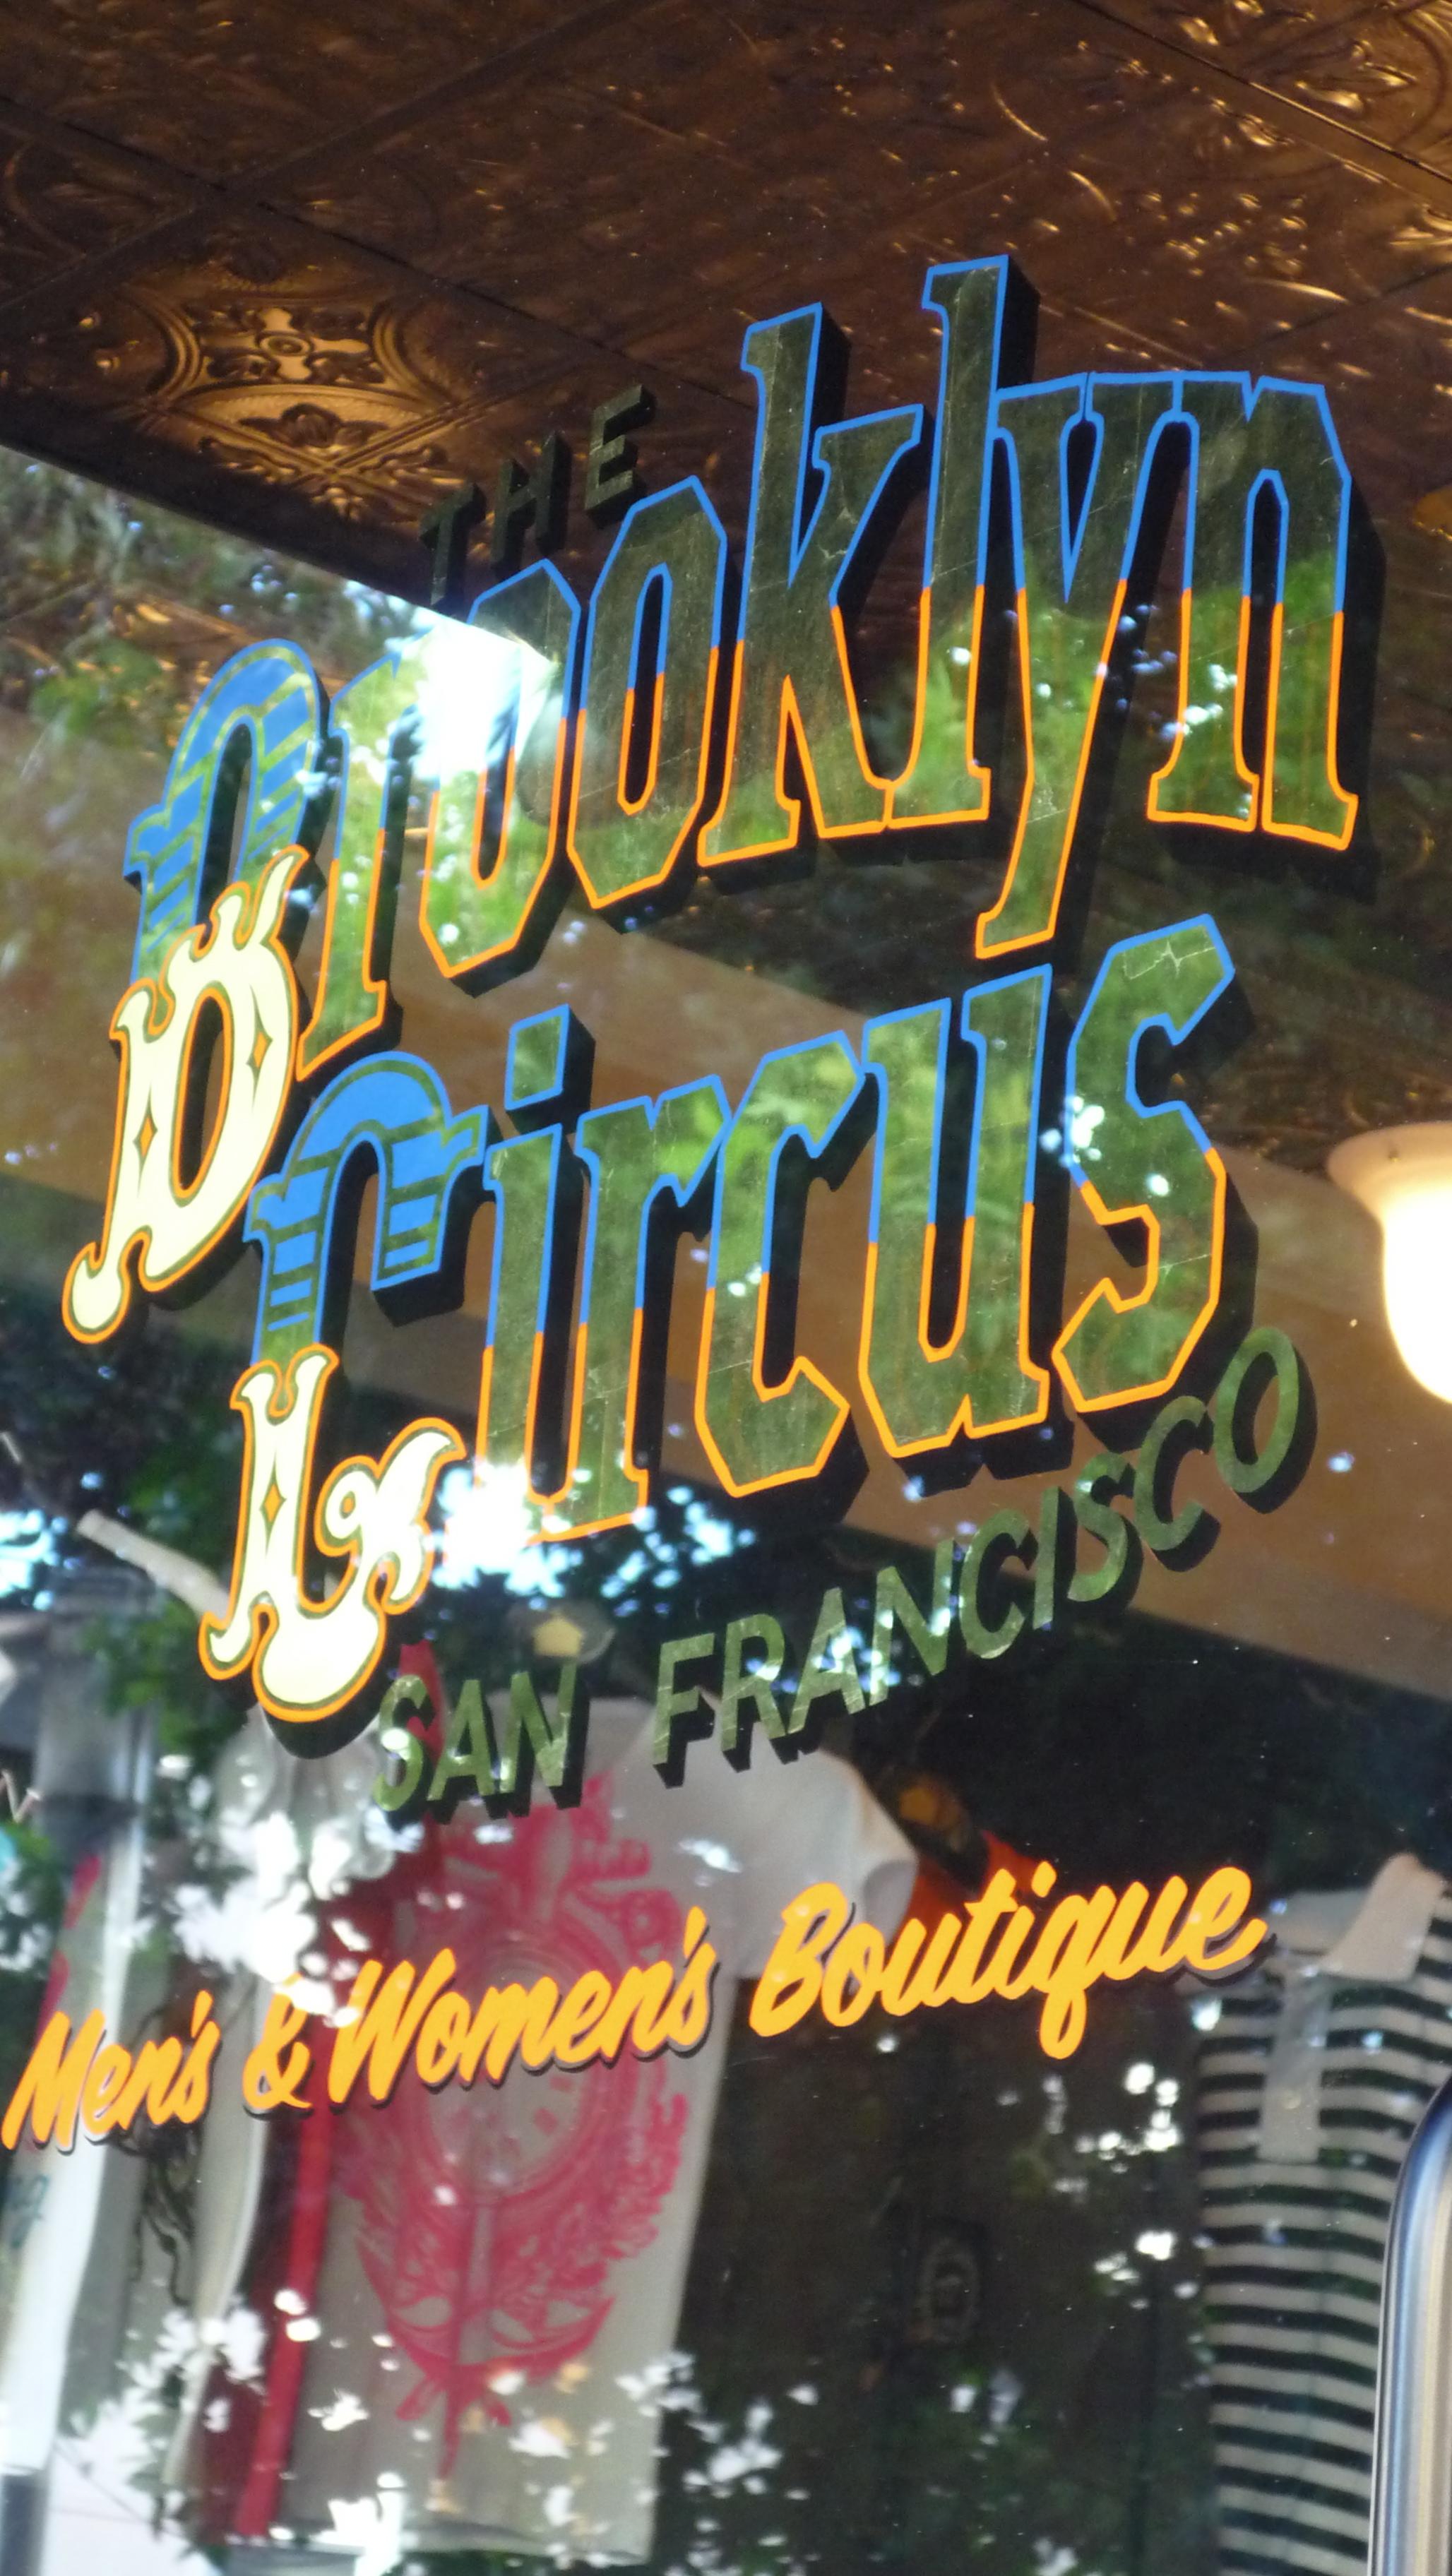 ORIG-brooklyn-circus-sf_3059522561_o.jpg